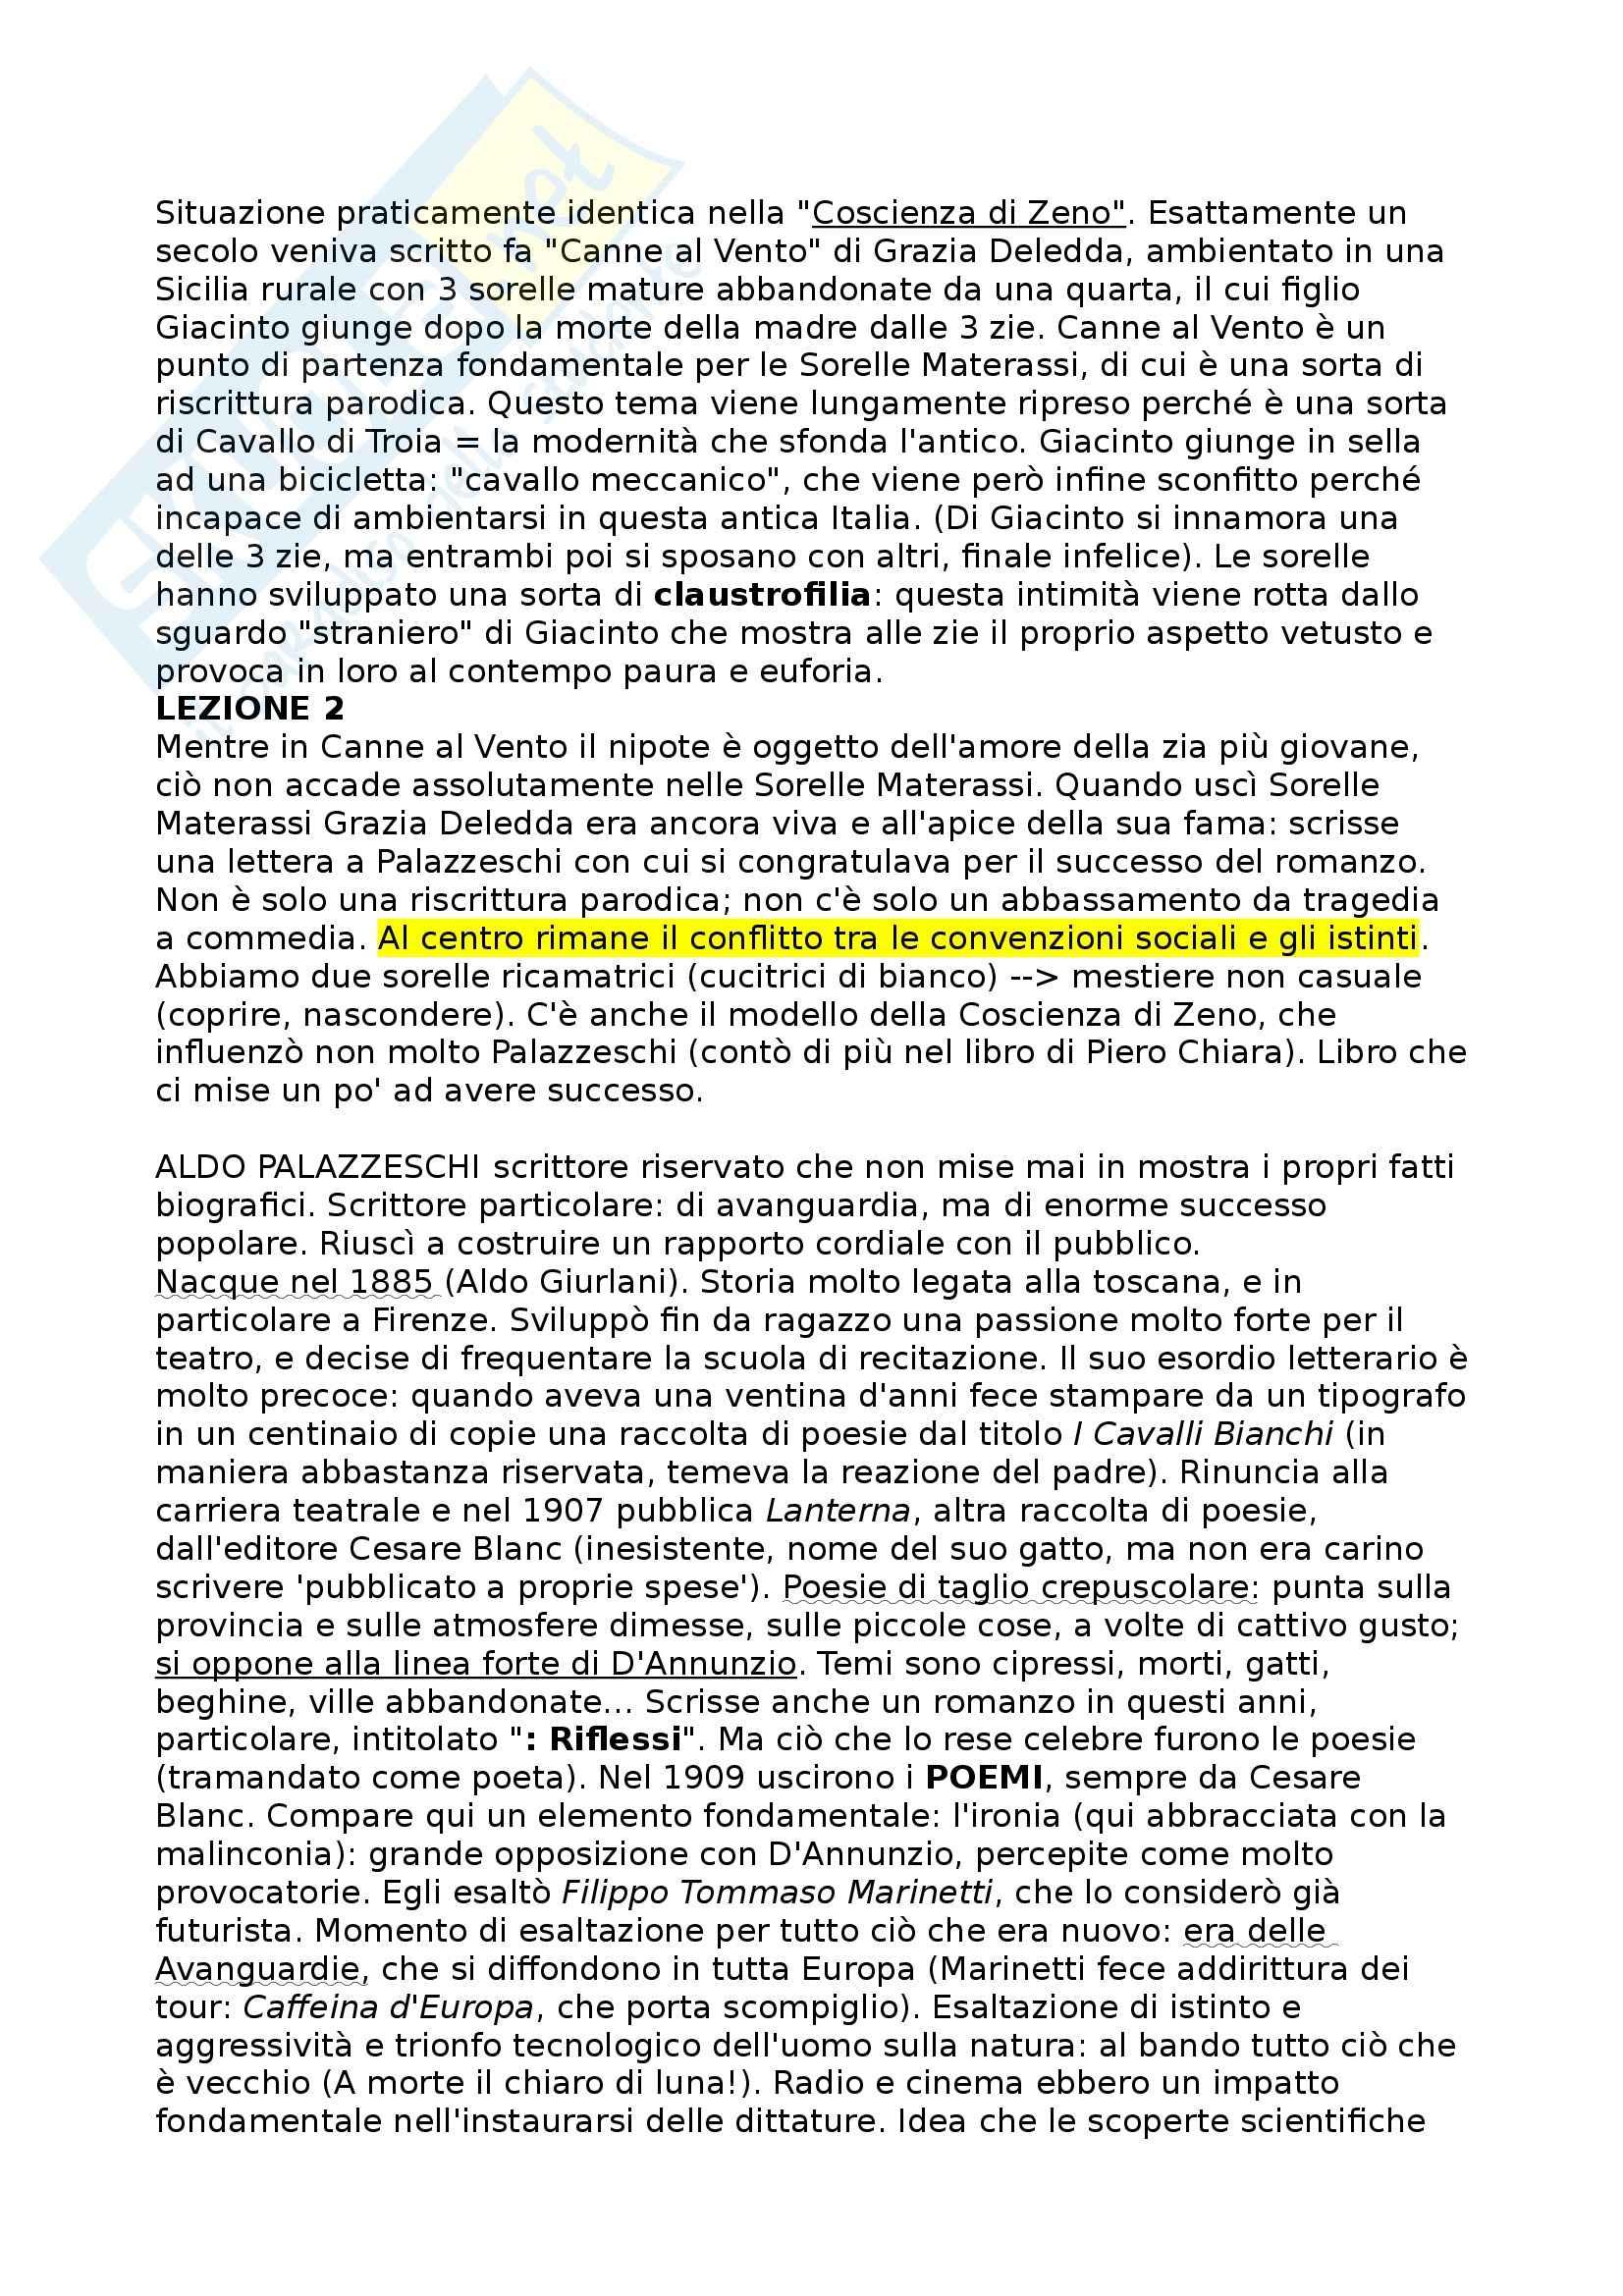 Sorelle Materassi, Palazzeschi - Riassunto commentato, prof. Novelli Pag. 2